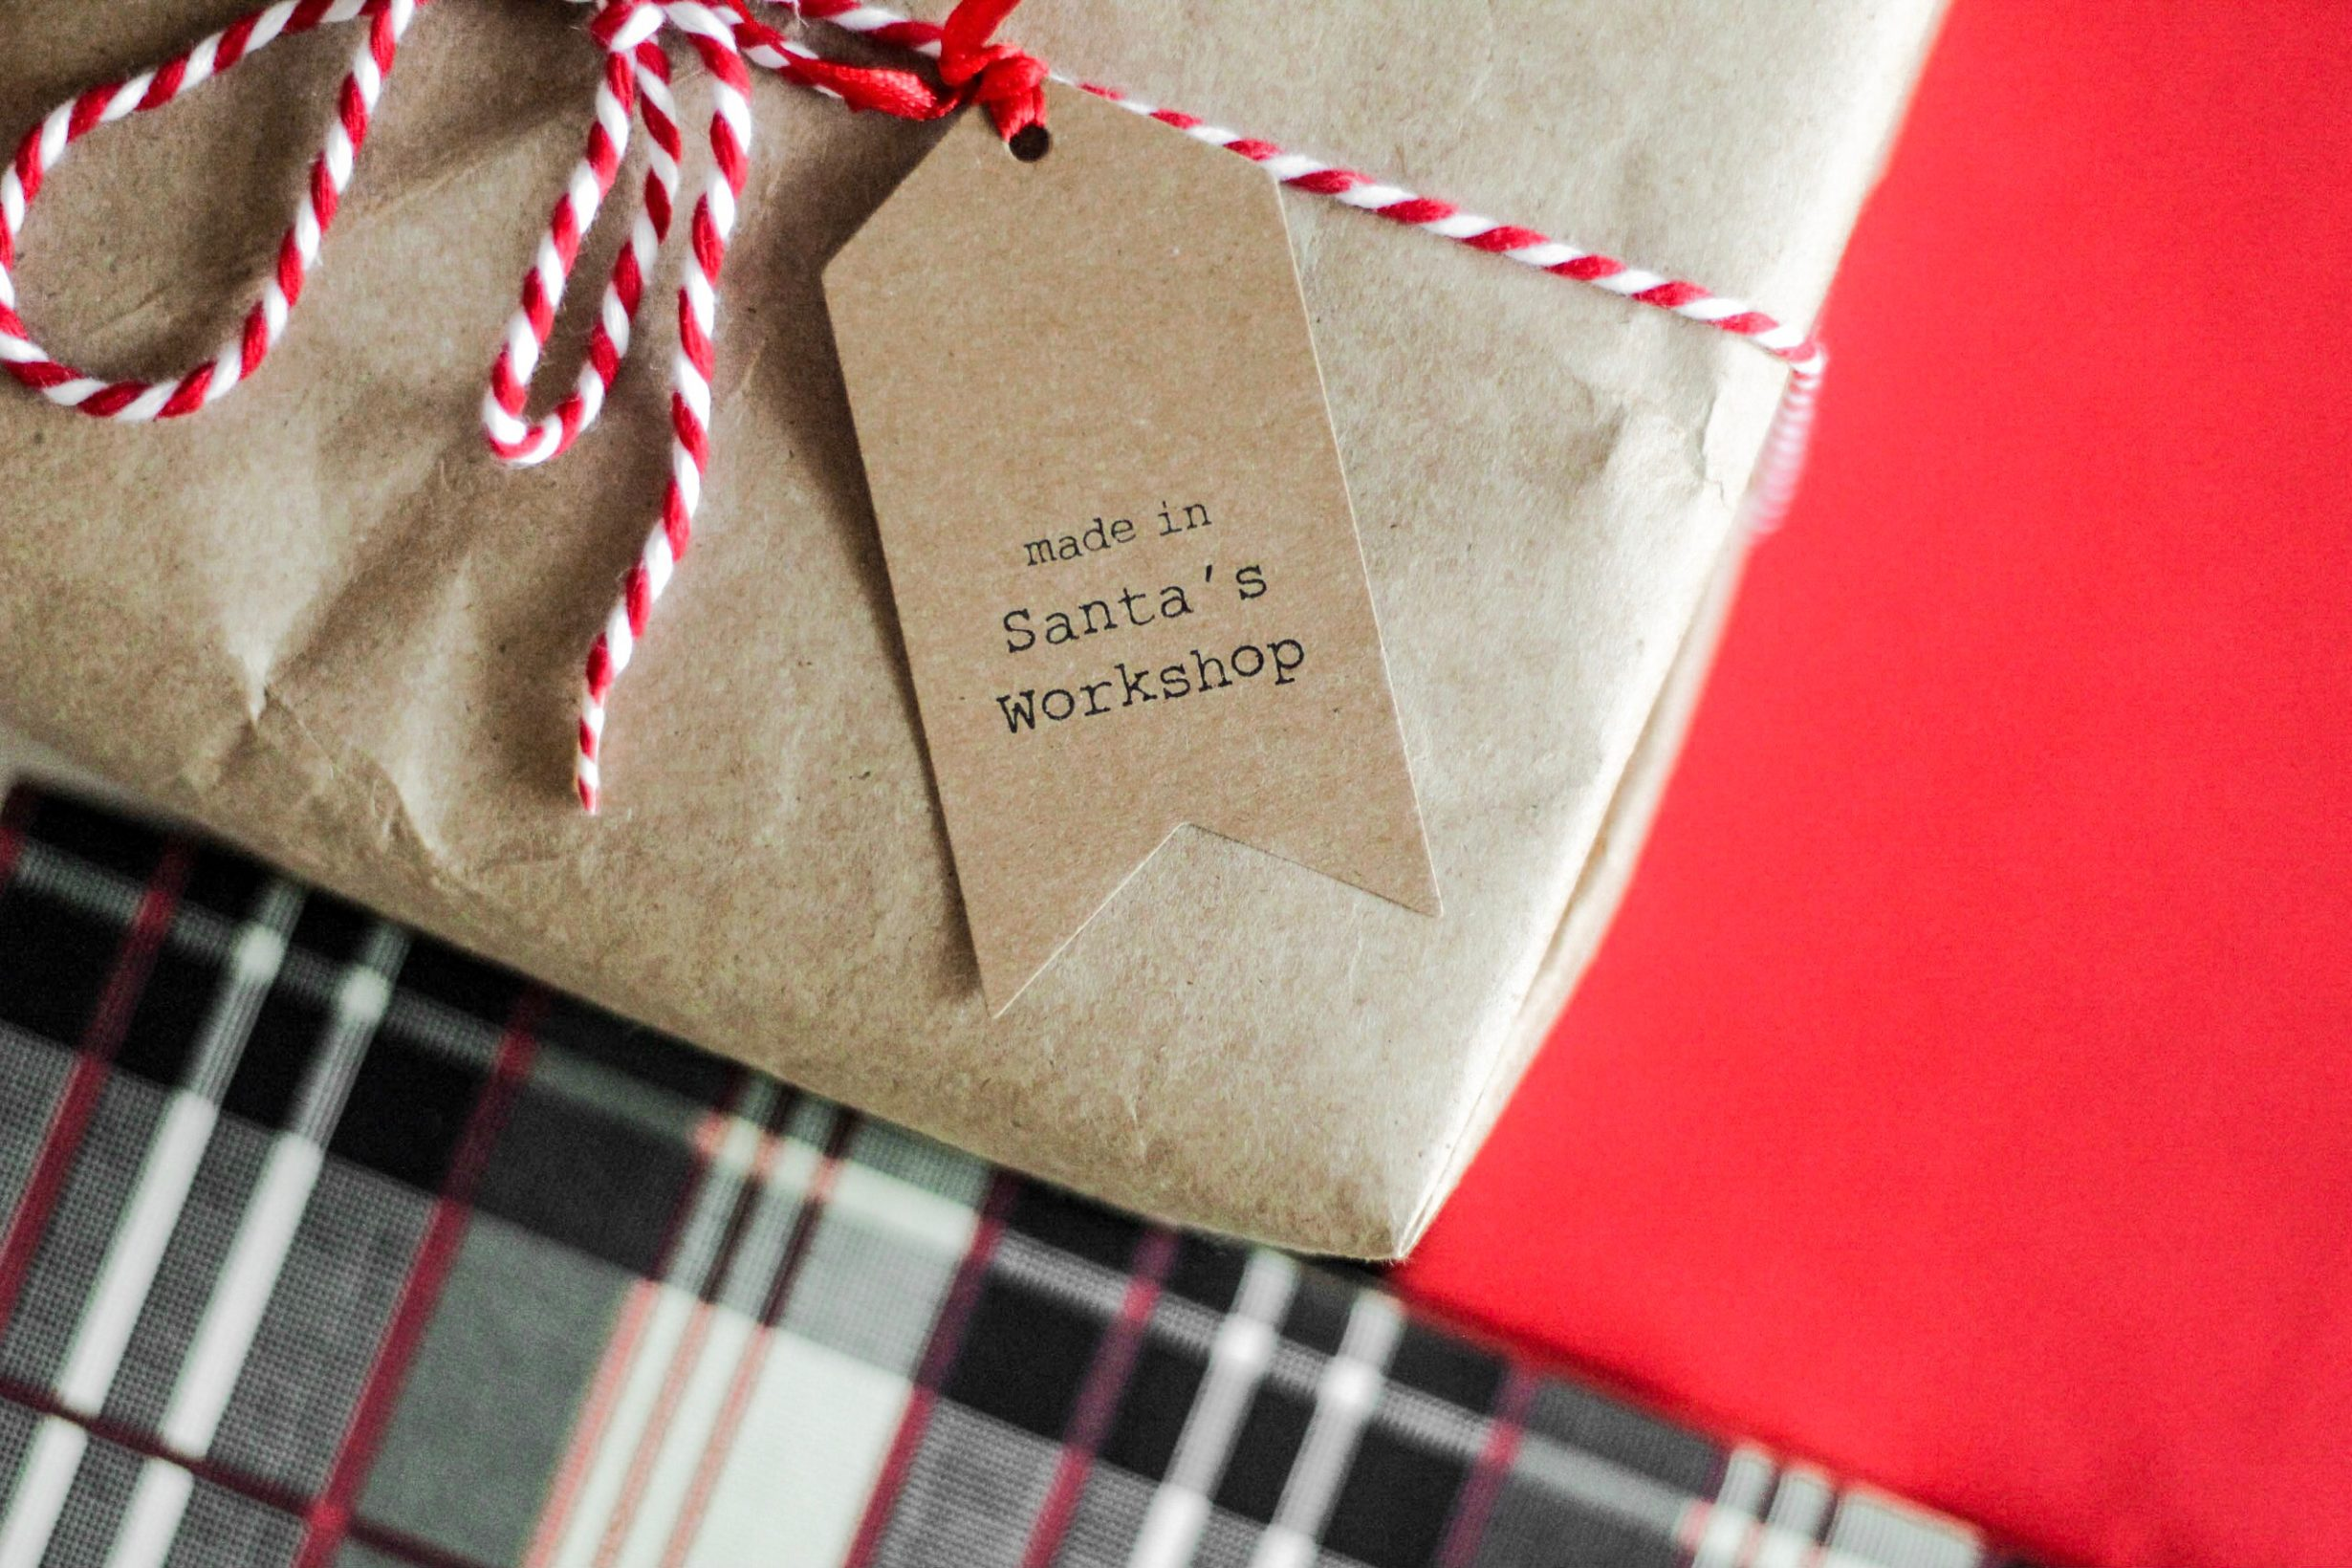 Créateurs et marchés de Noël – comment bien communiquer sur votre marque ?